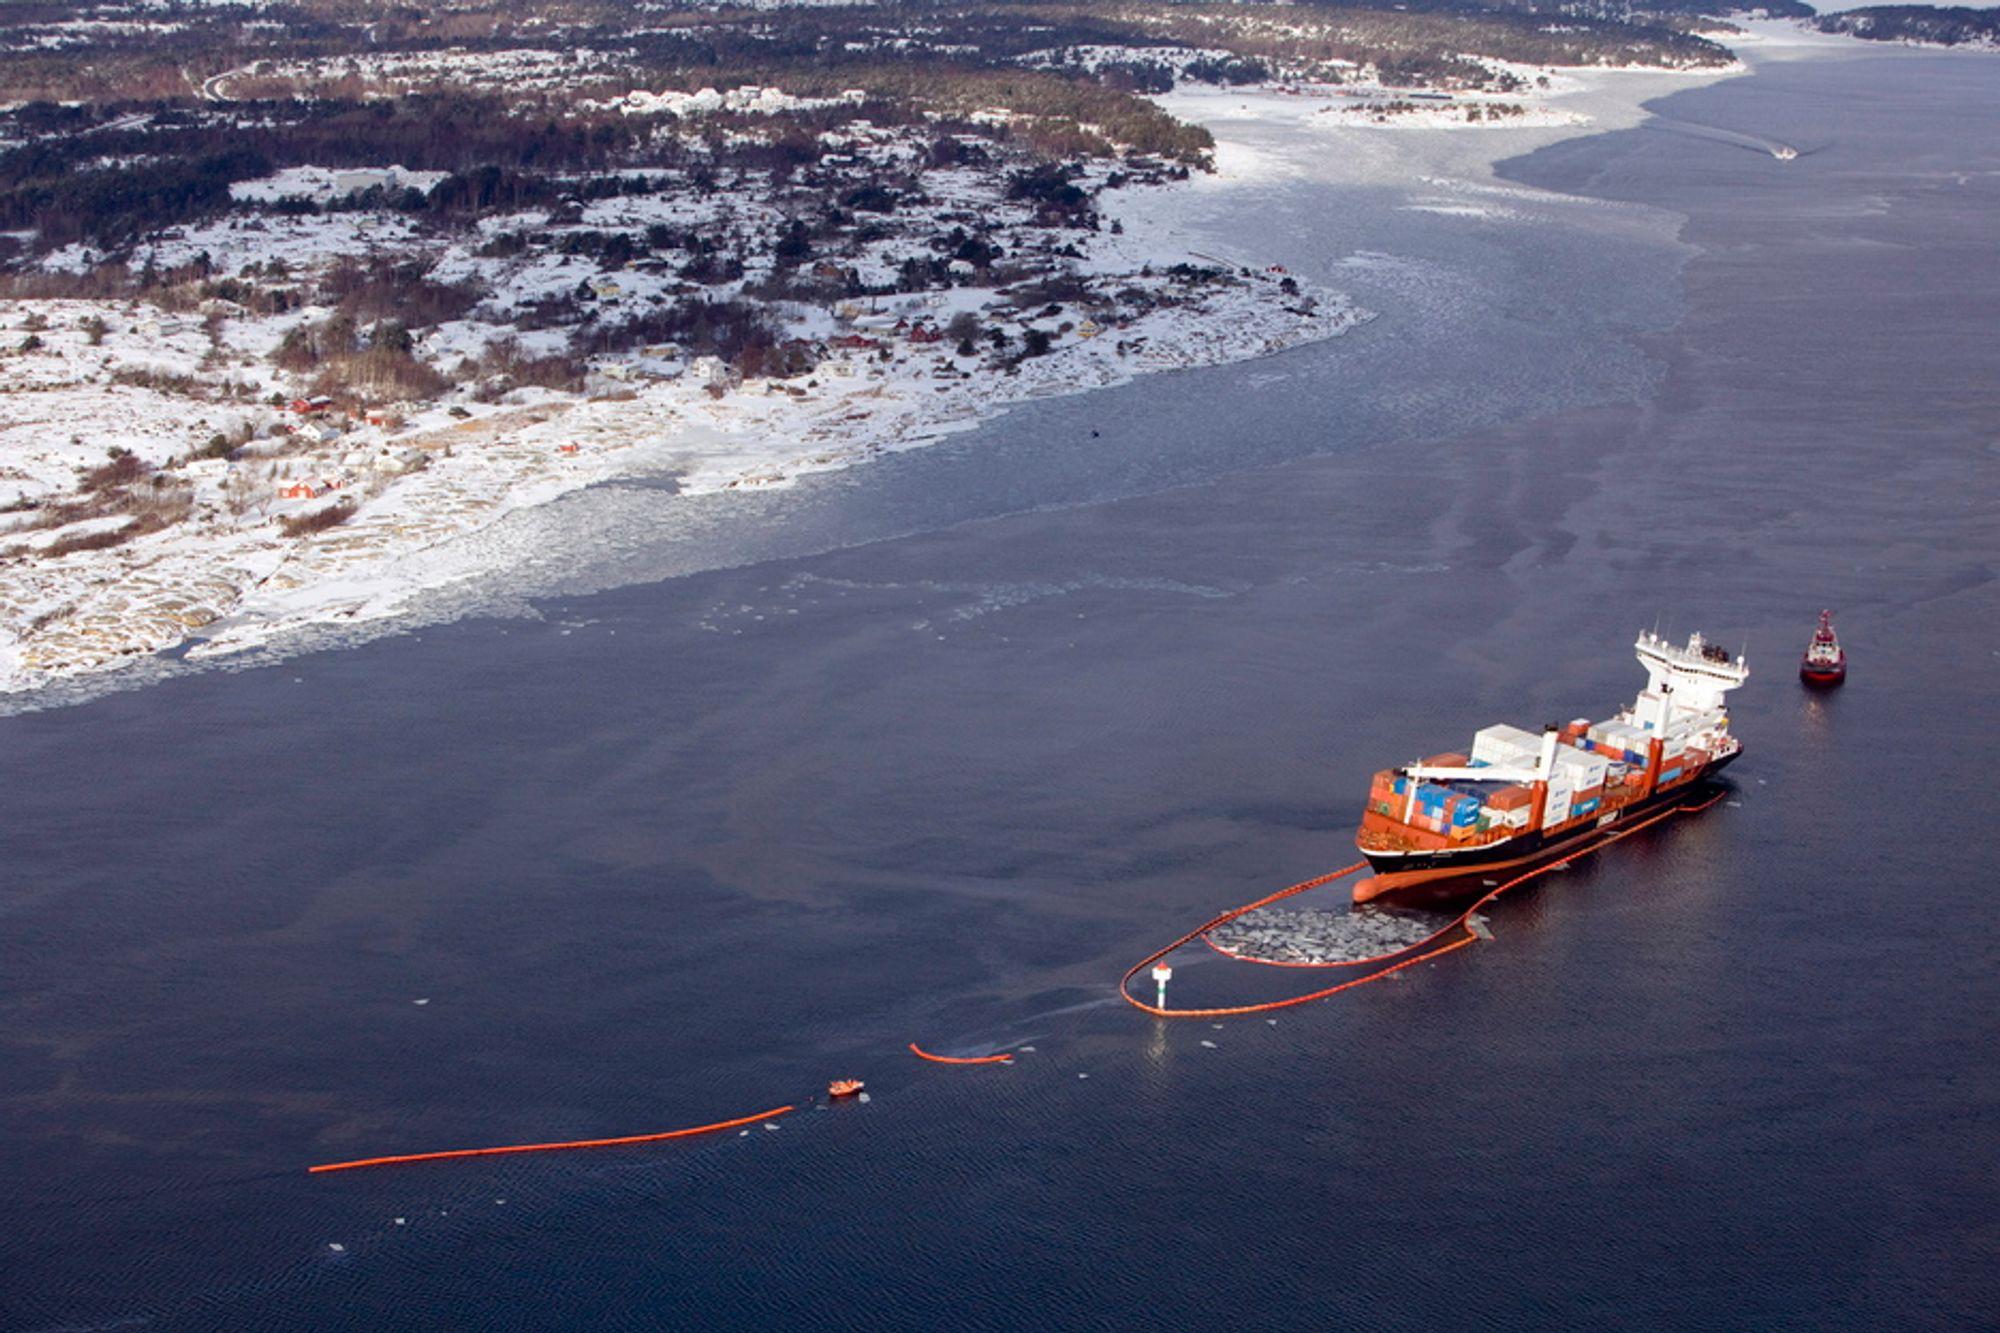 TØMT: Rederiet har nå tømt Godafoss' skadde tanker for olje. Kystverket jobber med å etablere en beredskap for å følge havaristen ut av norsk farvann mot Danmark.